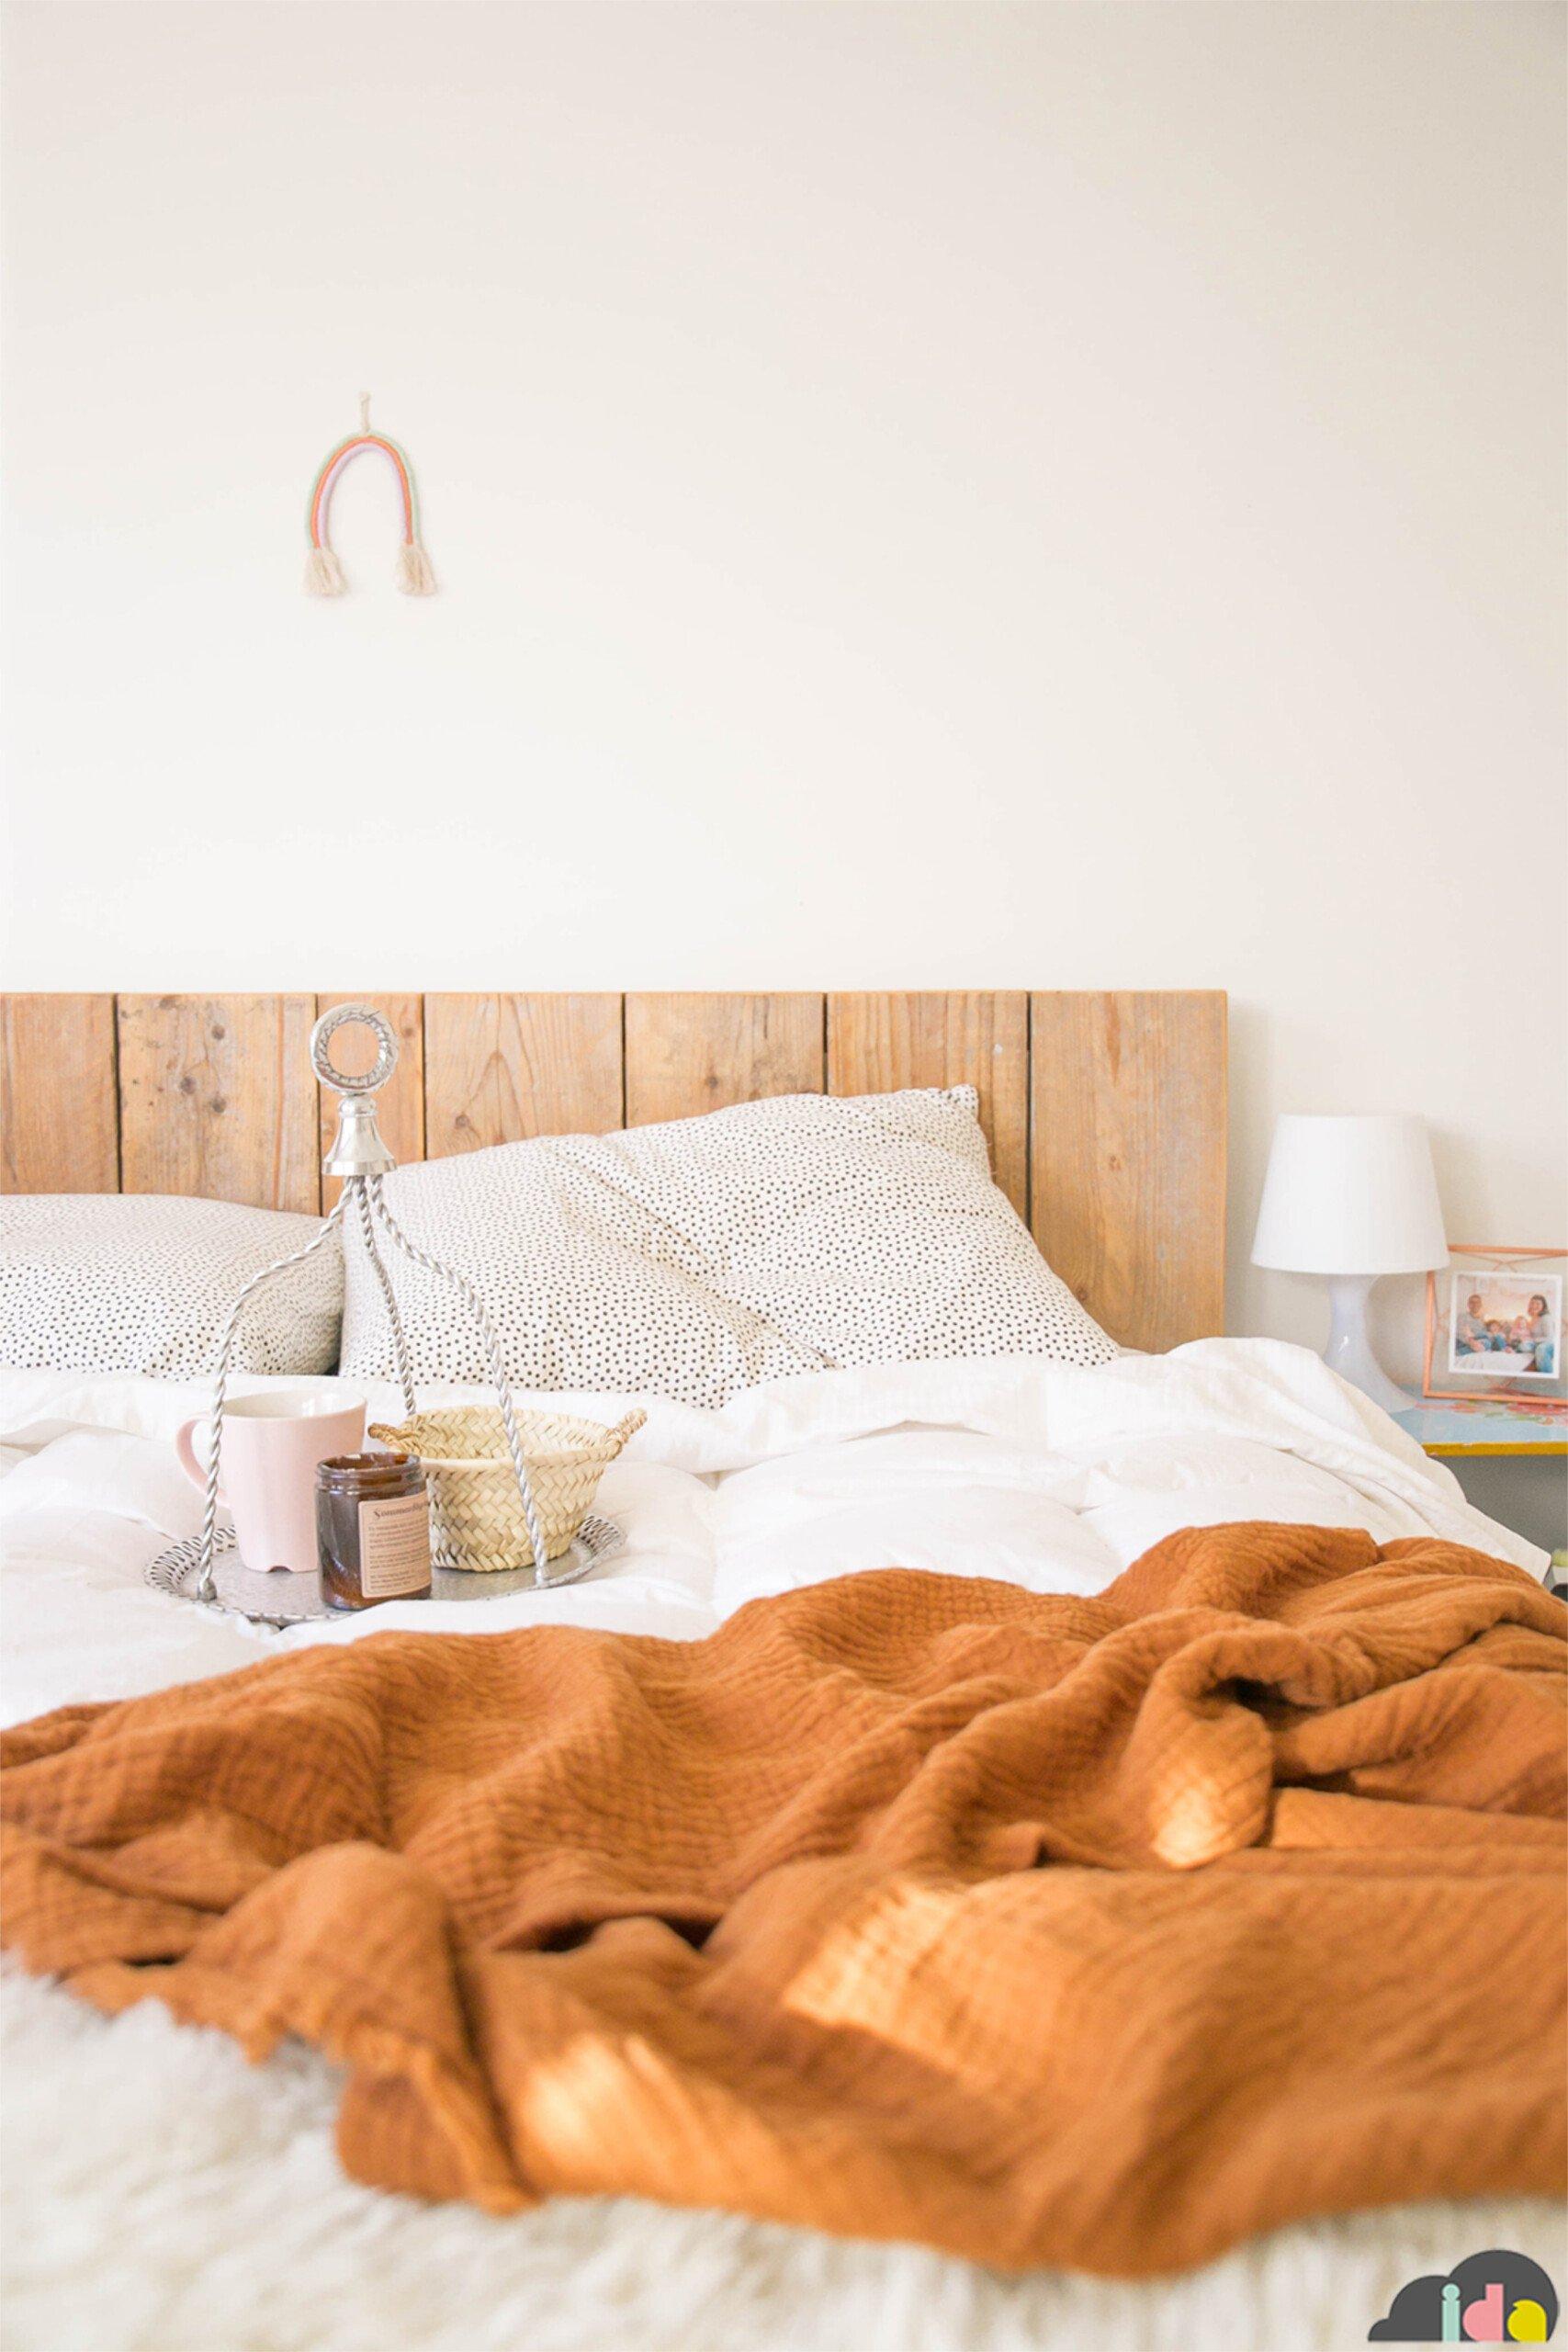 IDAinteriorlifestyle 6 bedroom cozy home scaled